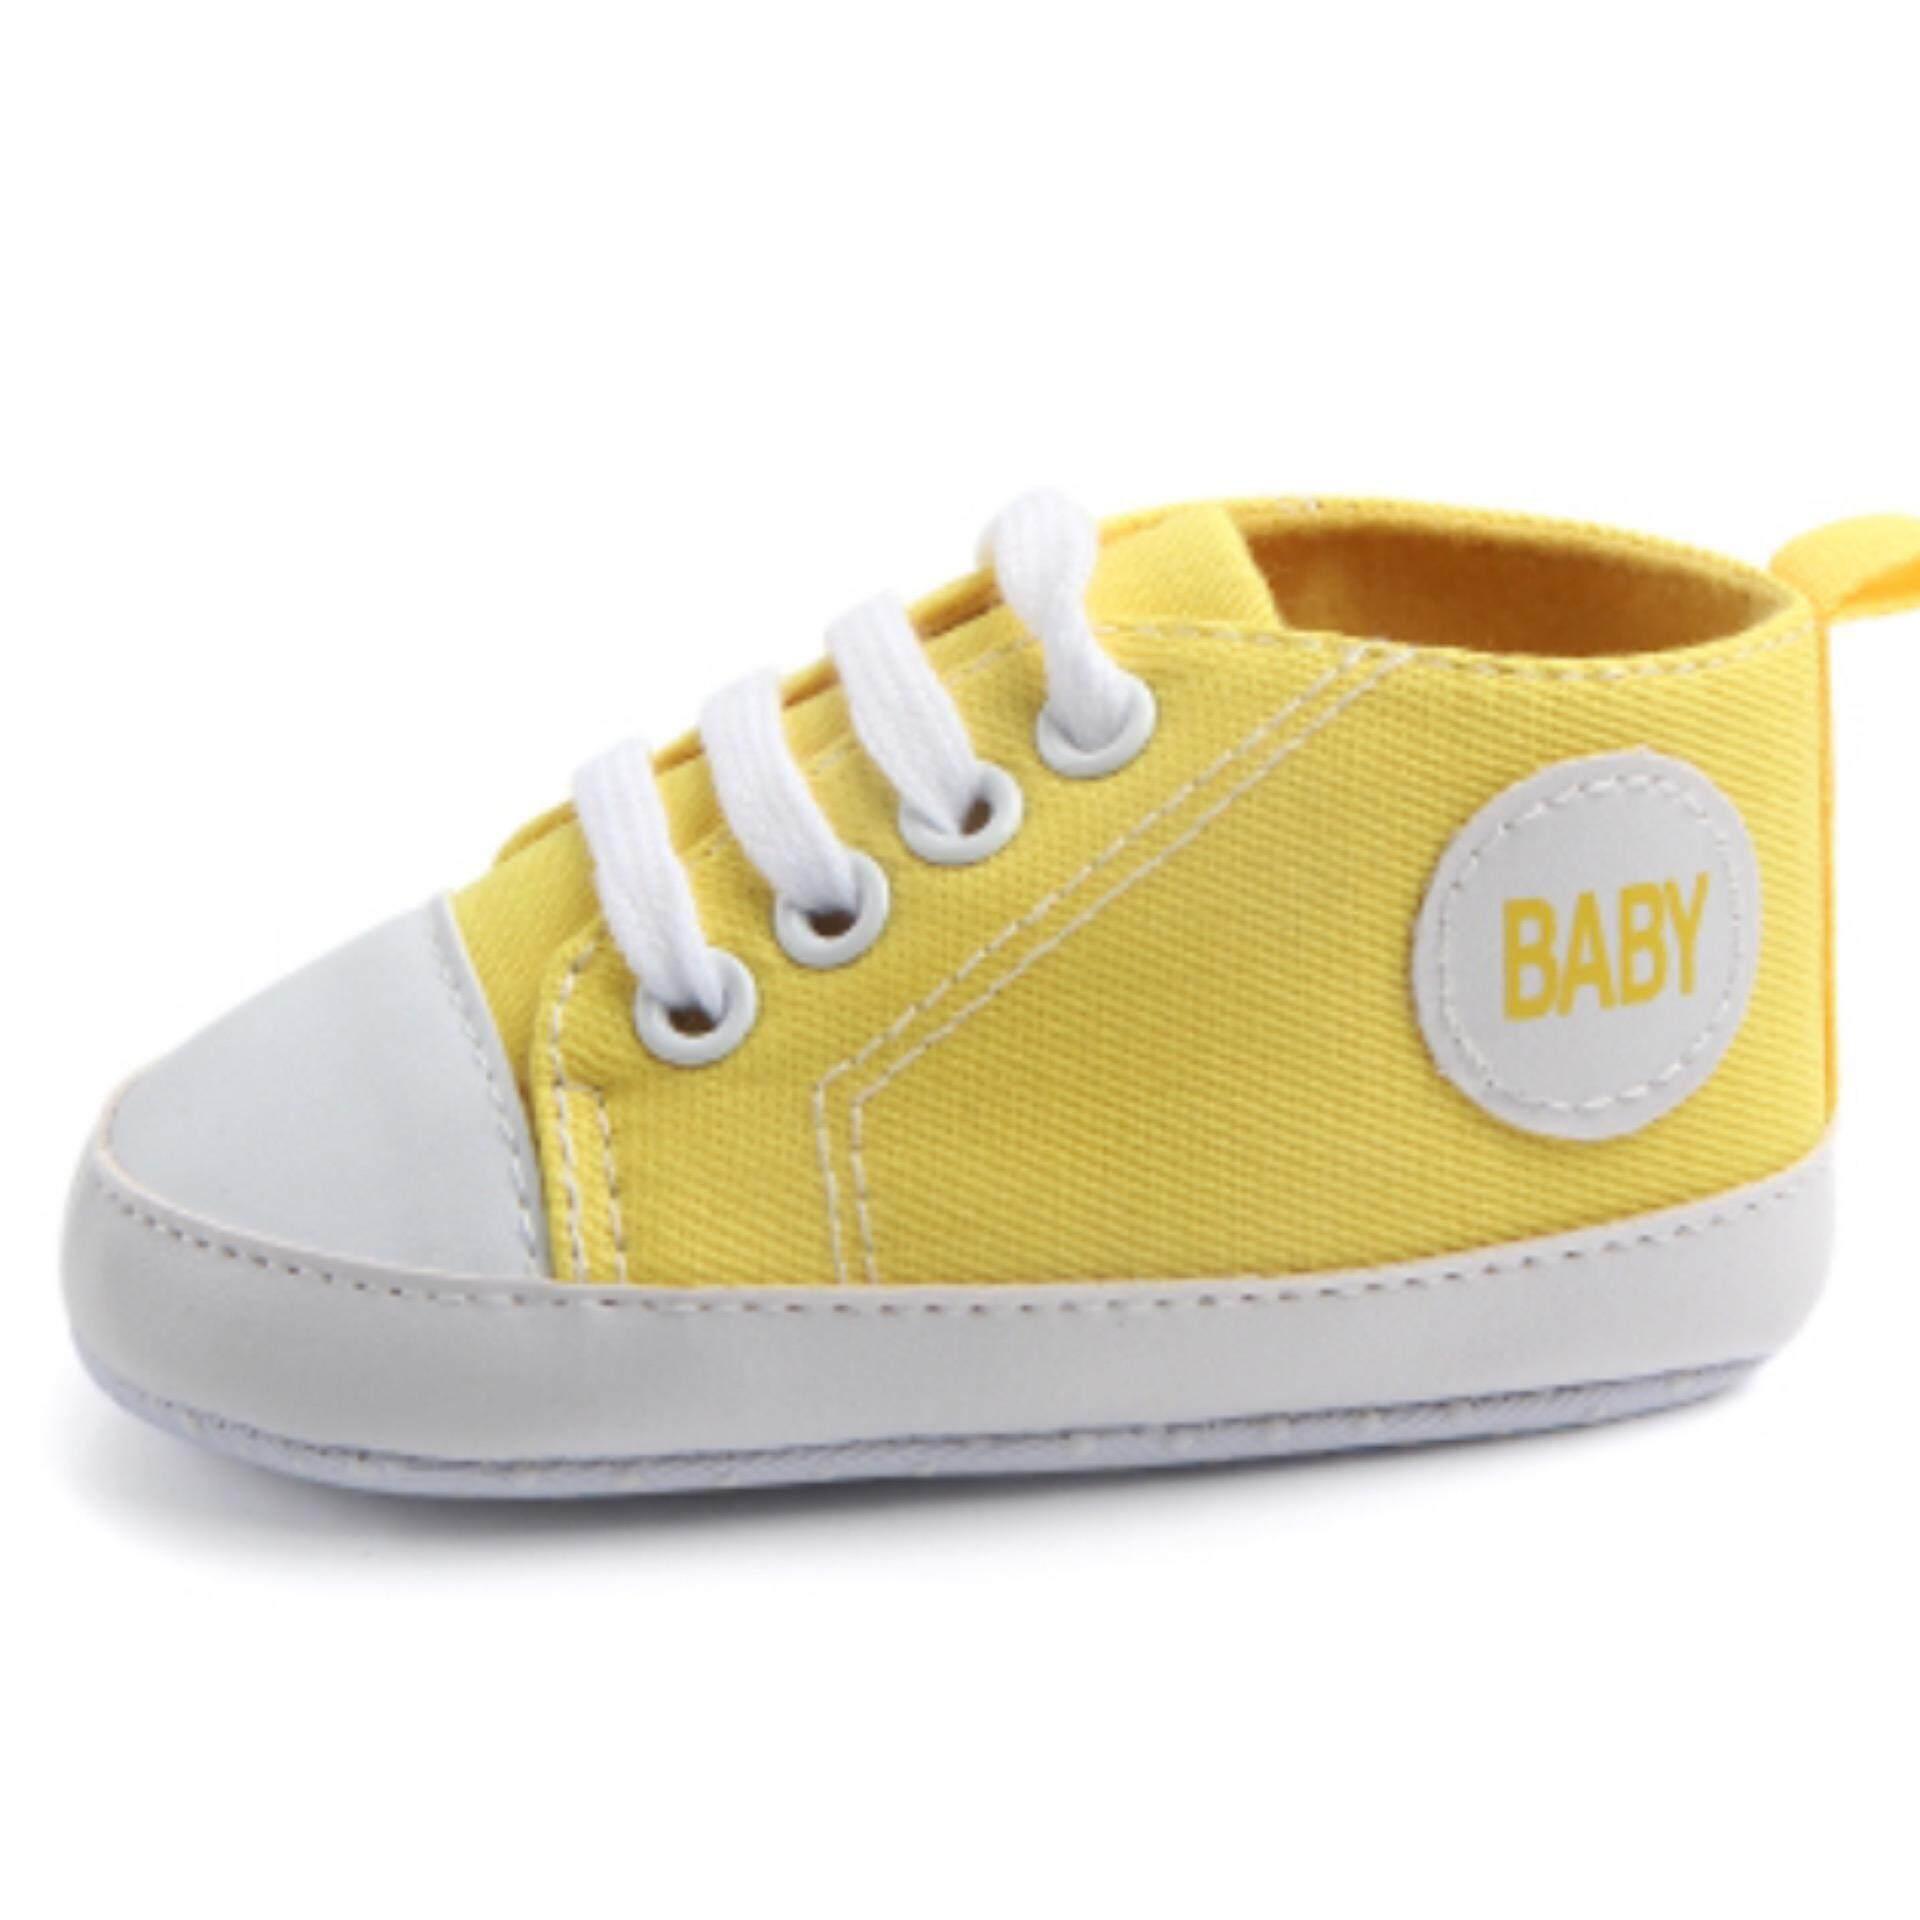 ส่วนลด Baby Touch รองเท้าเด็ก รองเท้าหัดเดิน คอนเวิร์ส Baby Touch ใน กรุงเทพมหานคร